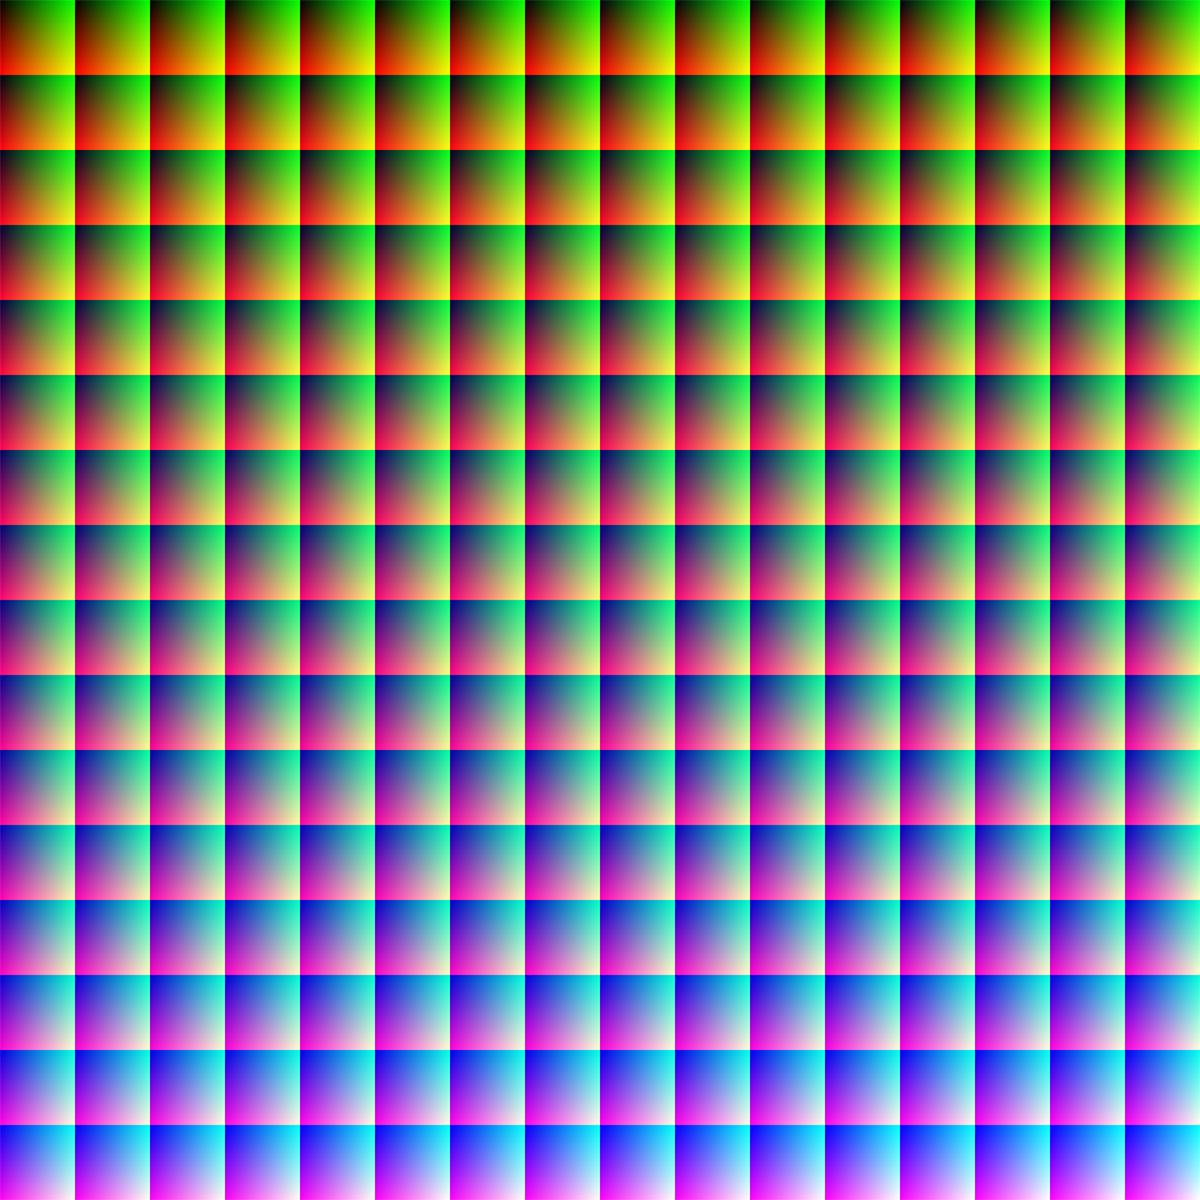 Wszystkie kolory RGB